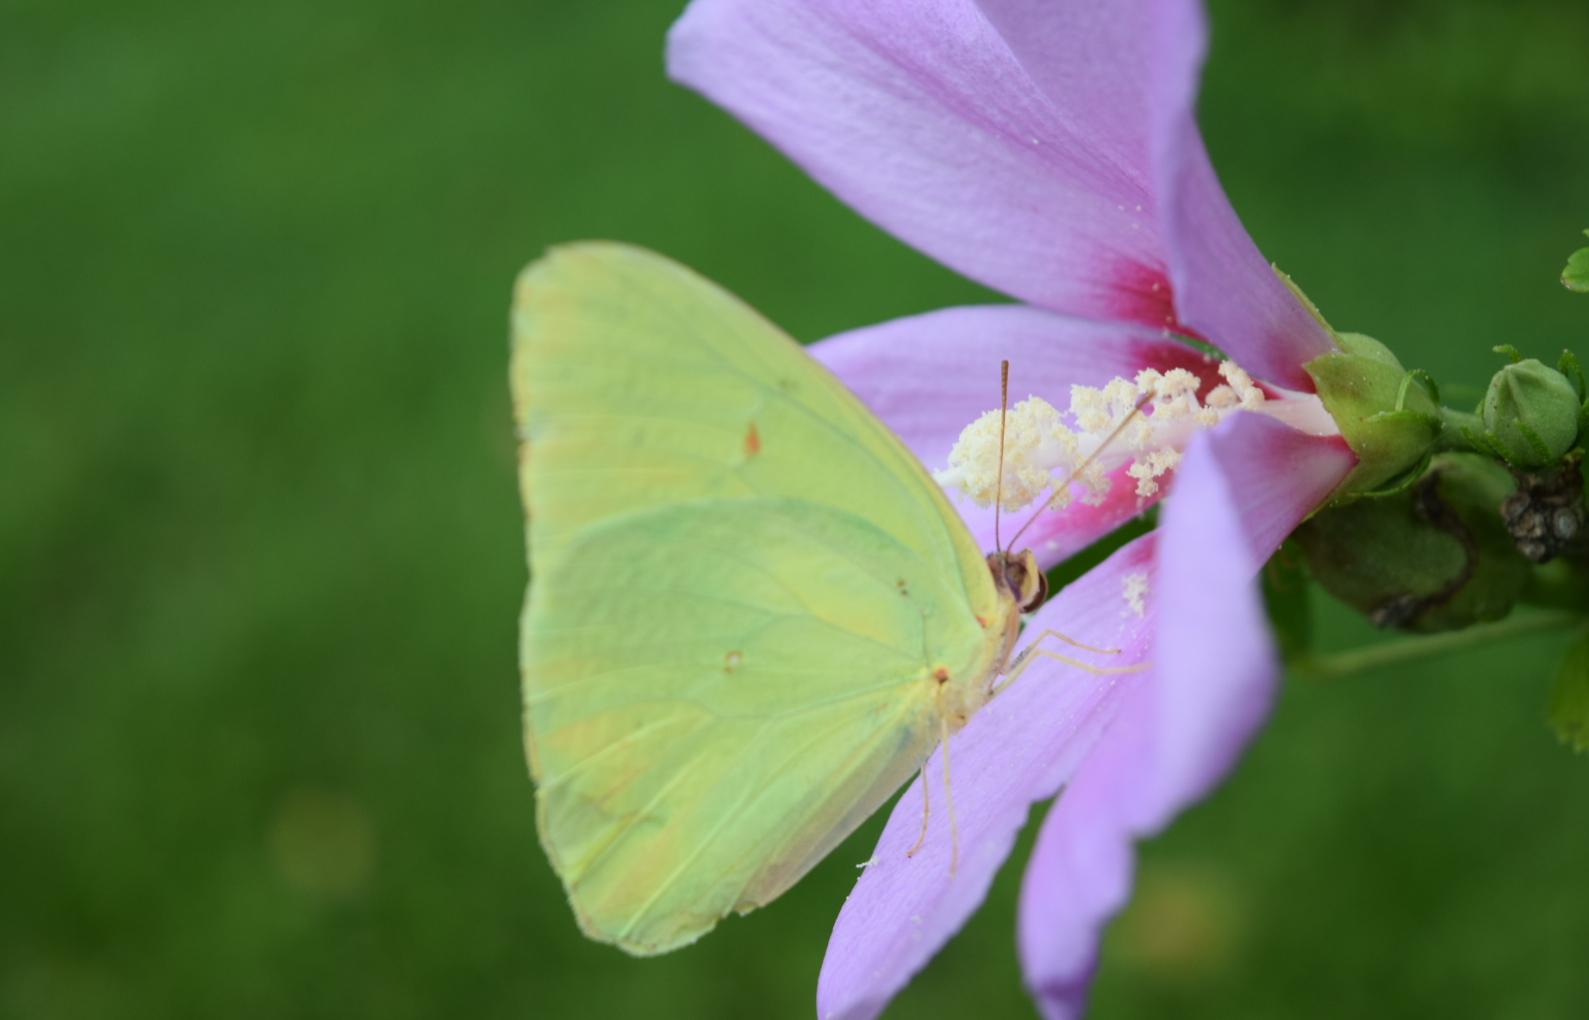 Butterfly_&_Rose_of_Sharon.jpg